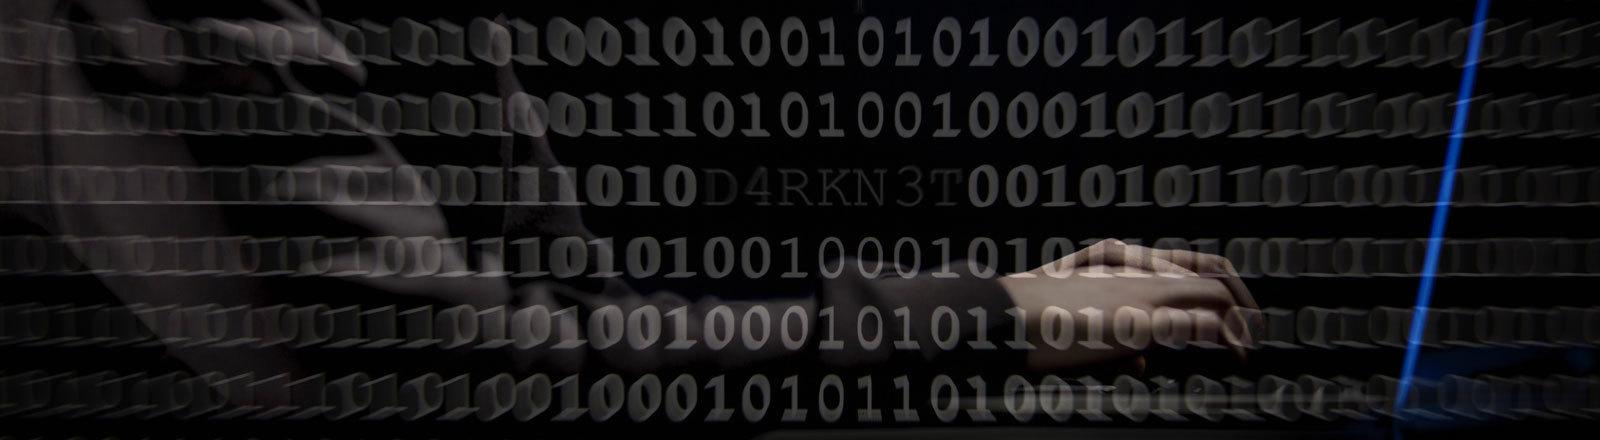 Mensch mit Kapuze sitzt am Laptop, im Vordergrund Binärcode Darknet